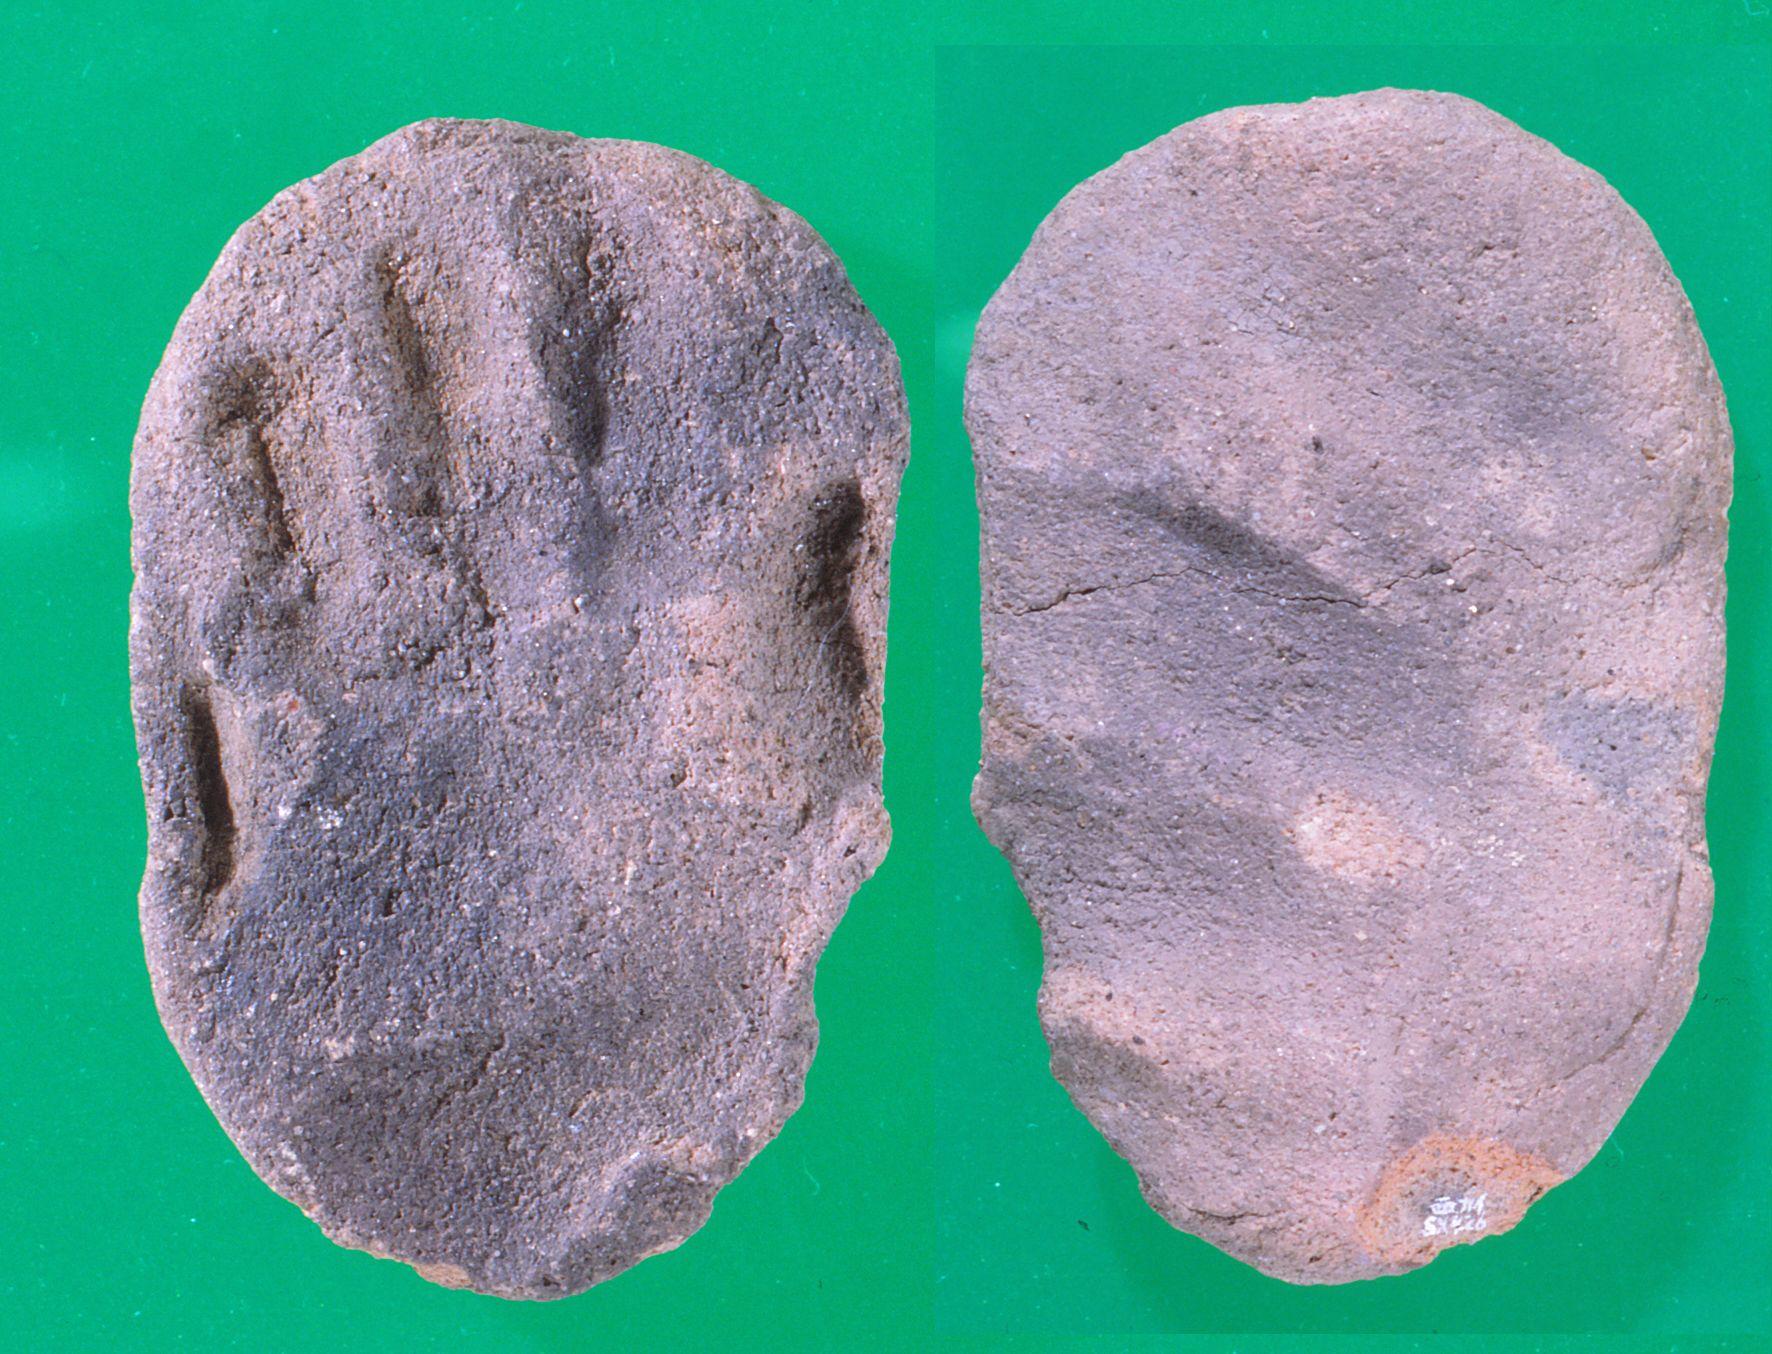 出土した土製品「赤ちゃんの手形」